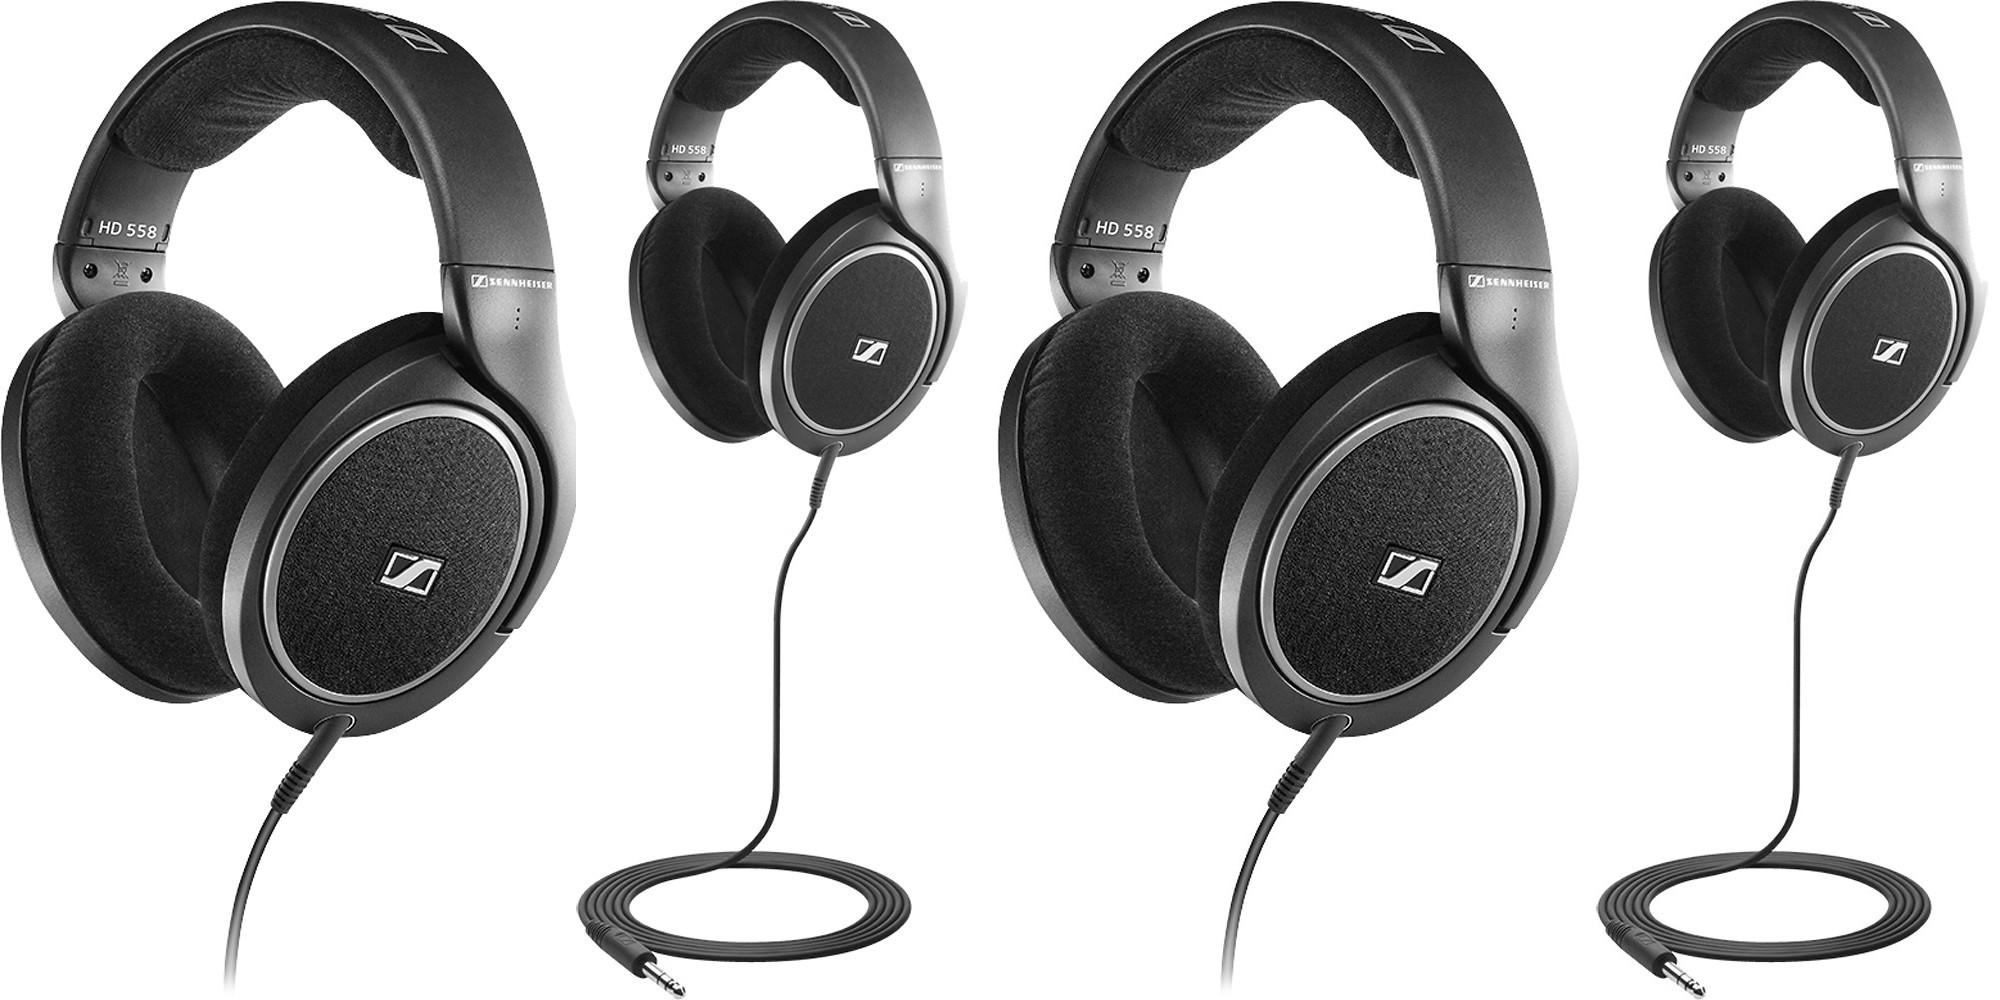 sennheiser-hd558-audiophile-over-the-ear-headphones-1